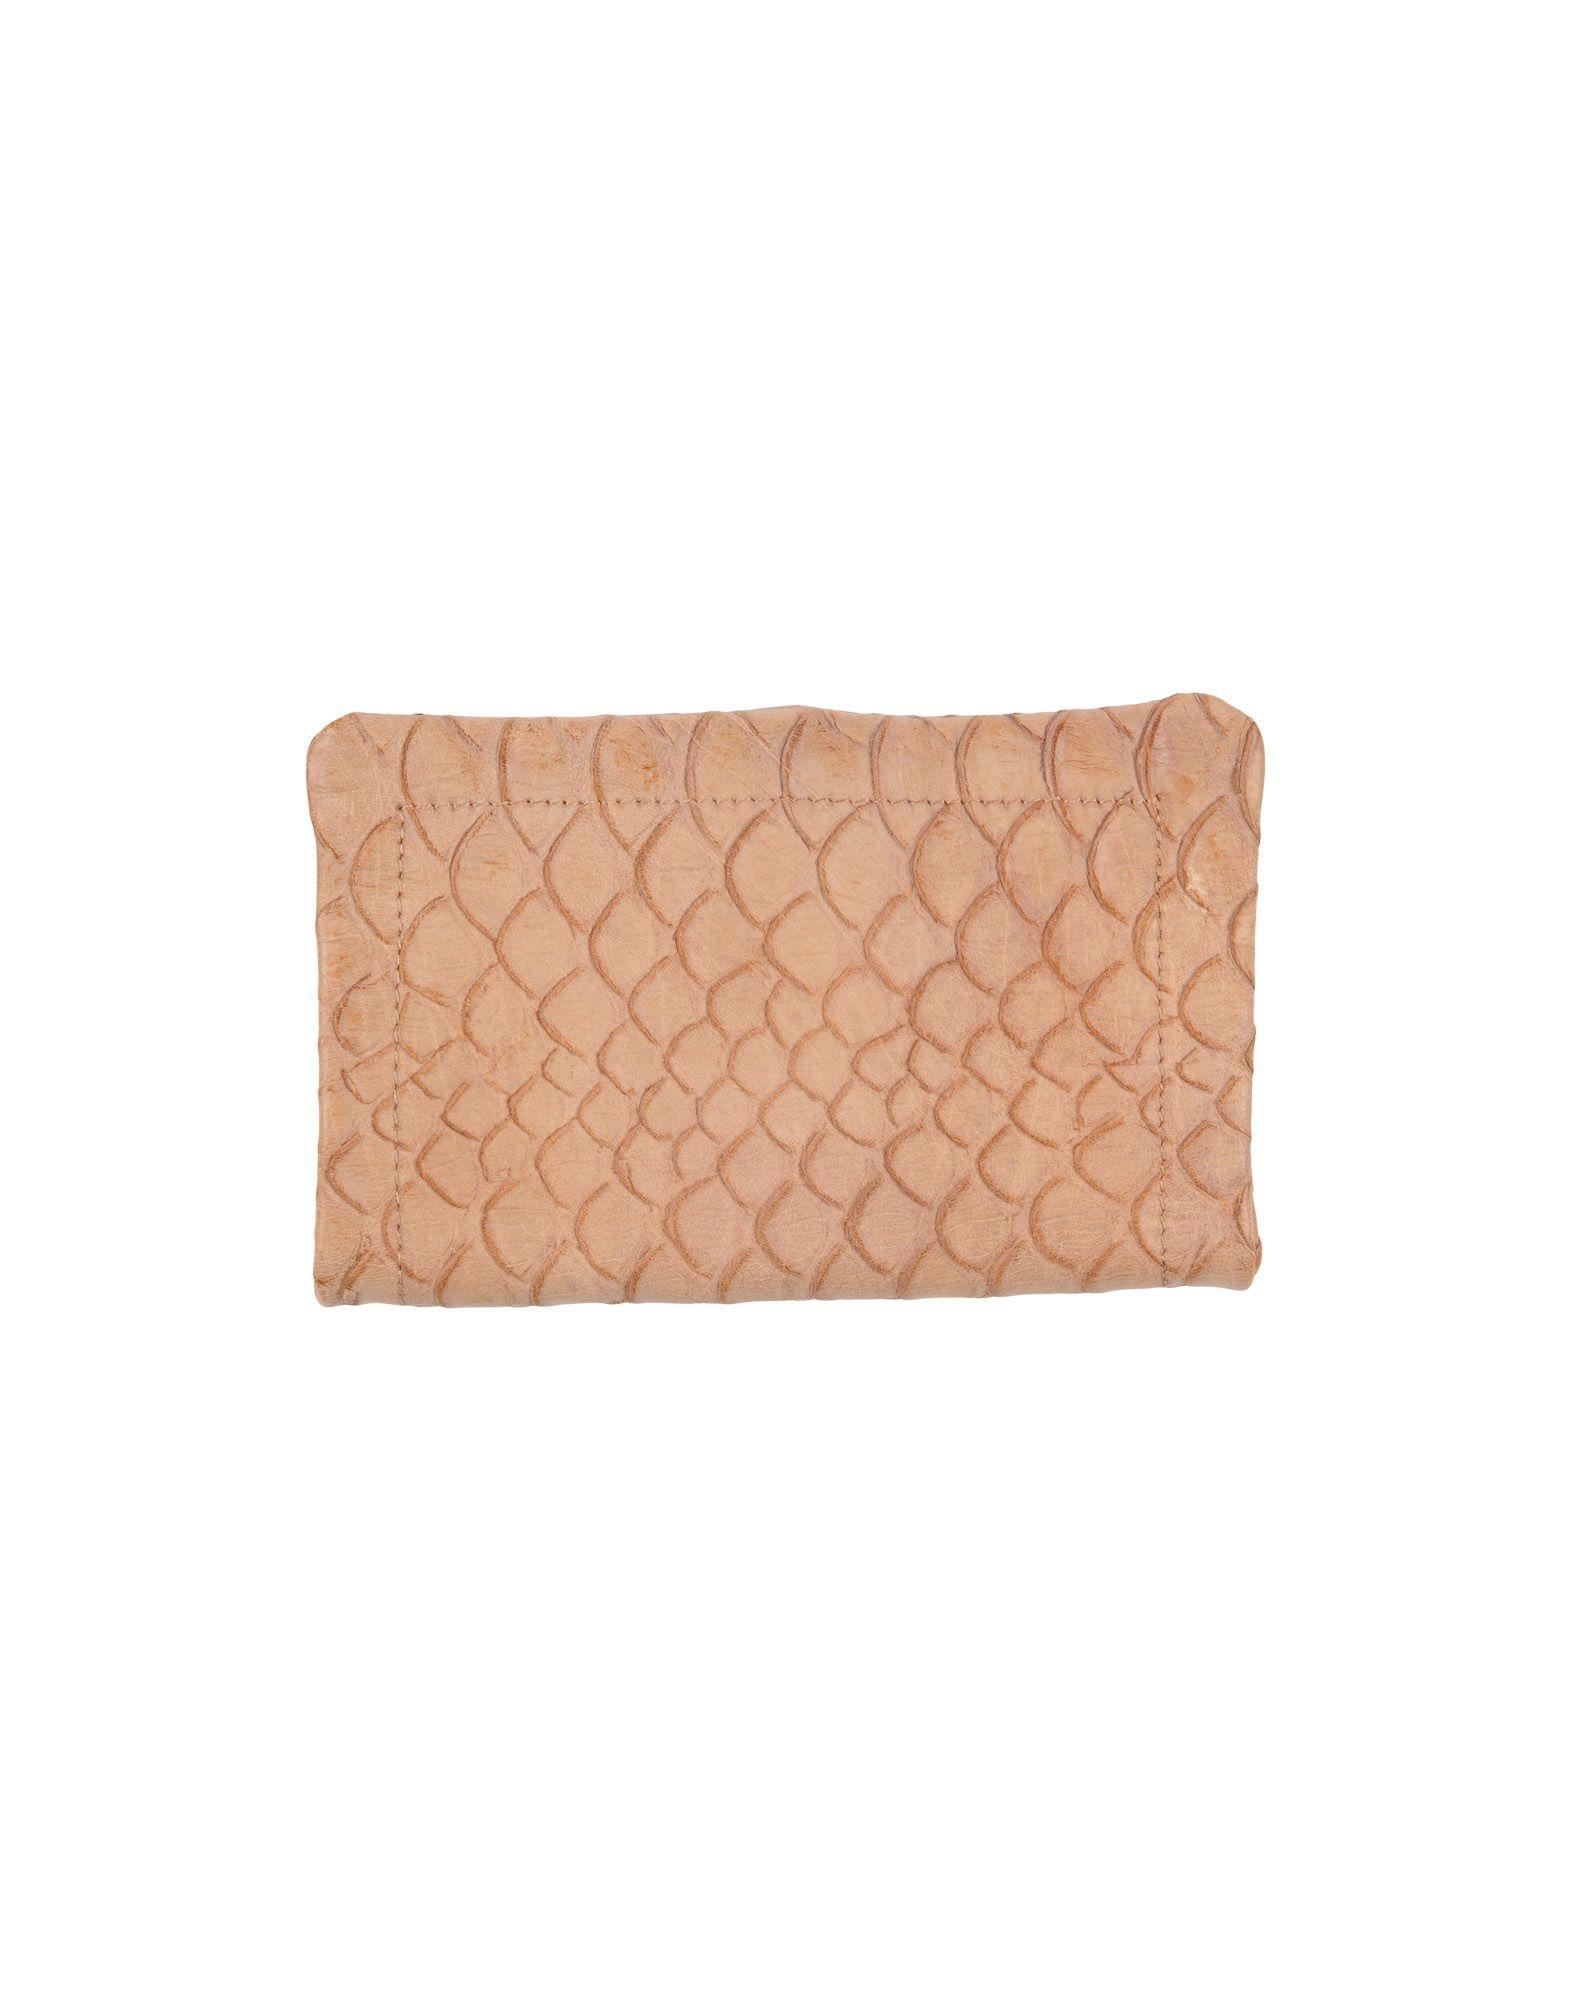 《送料無料》CORSIA レディース 財布 サンド 革